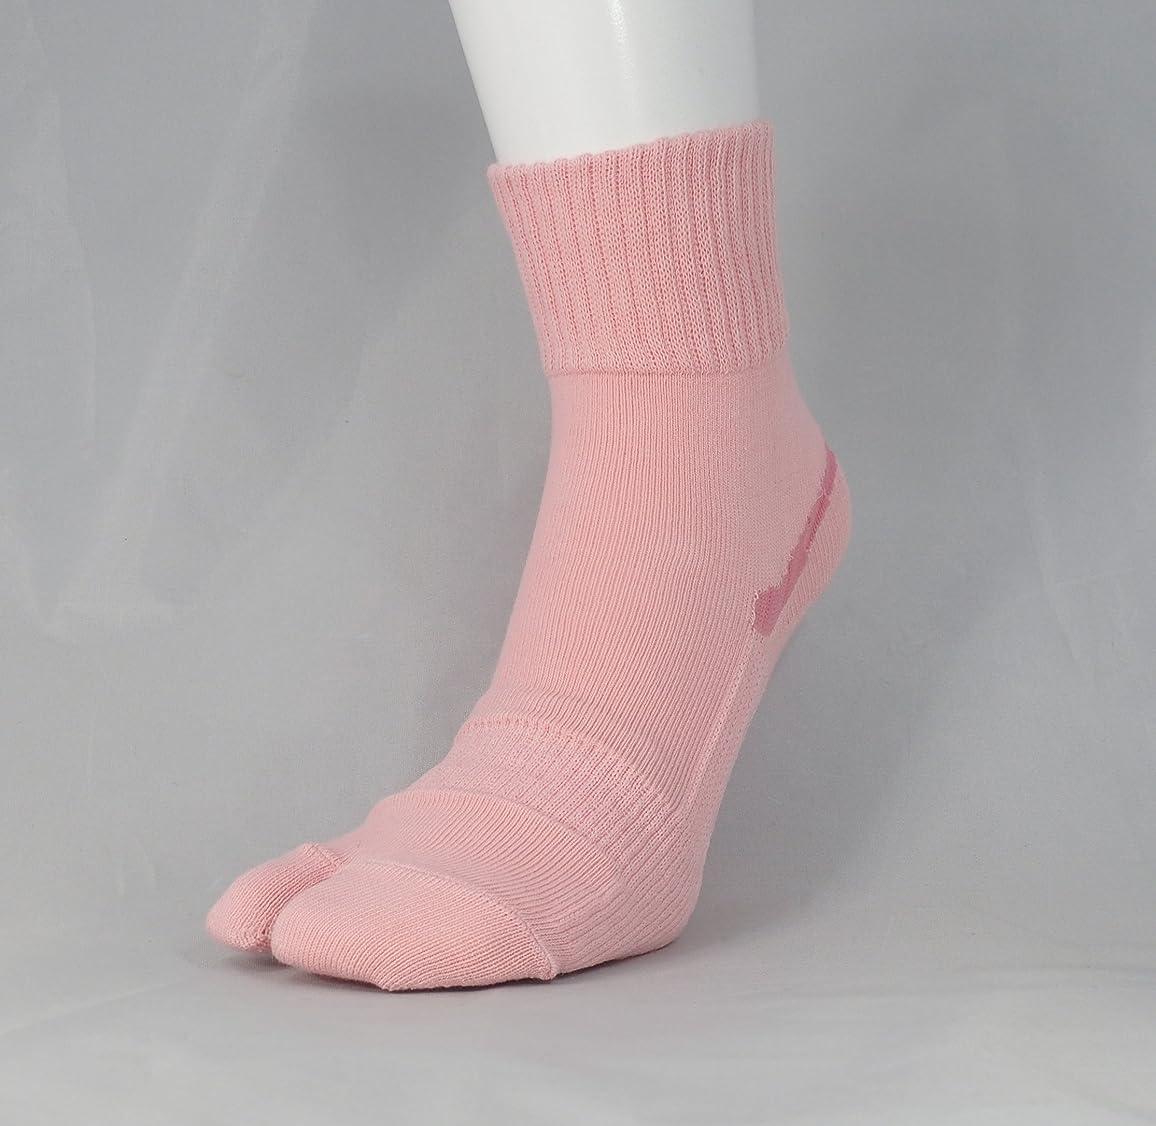 保険比べる壊れた【あしサポ】履くだけで足がラクにひらく靴下 外反母趾に (Mサイズ(23-24センチ), ピンク)